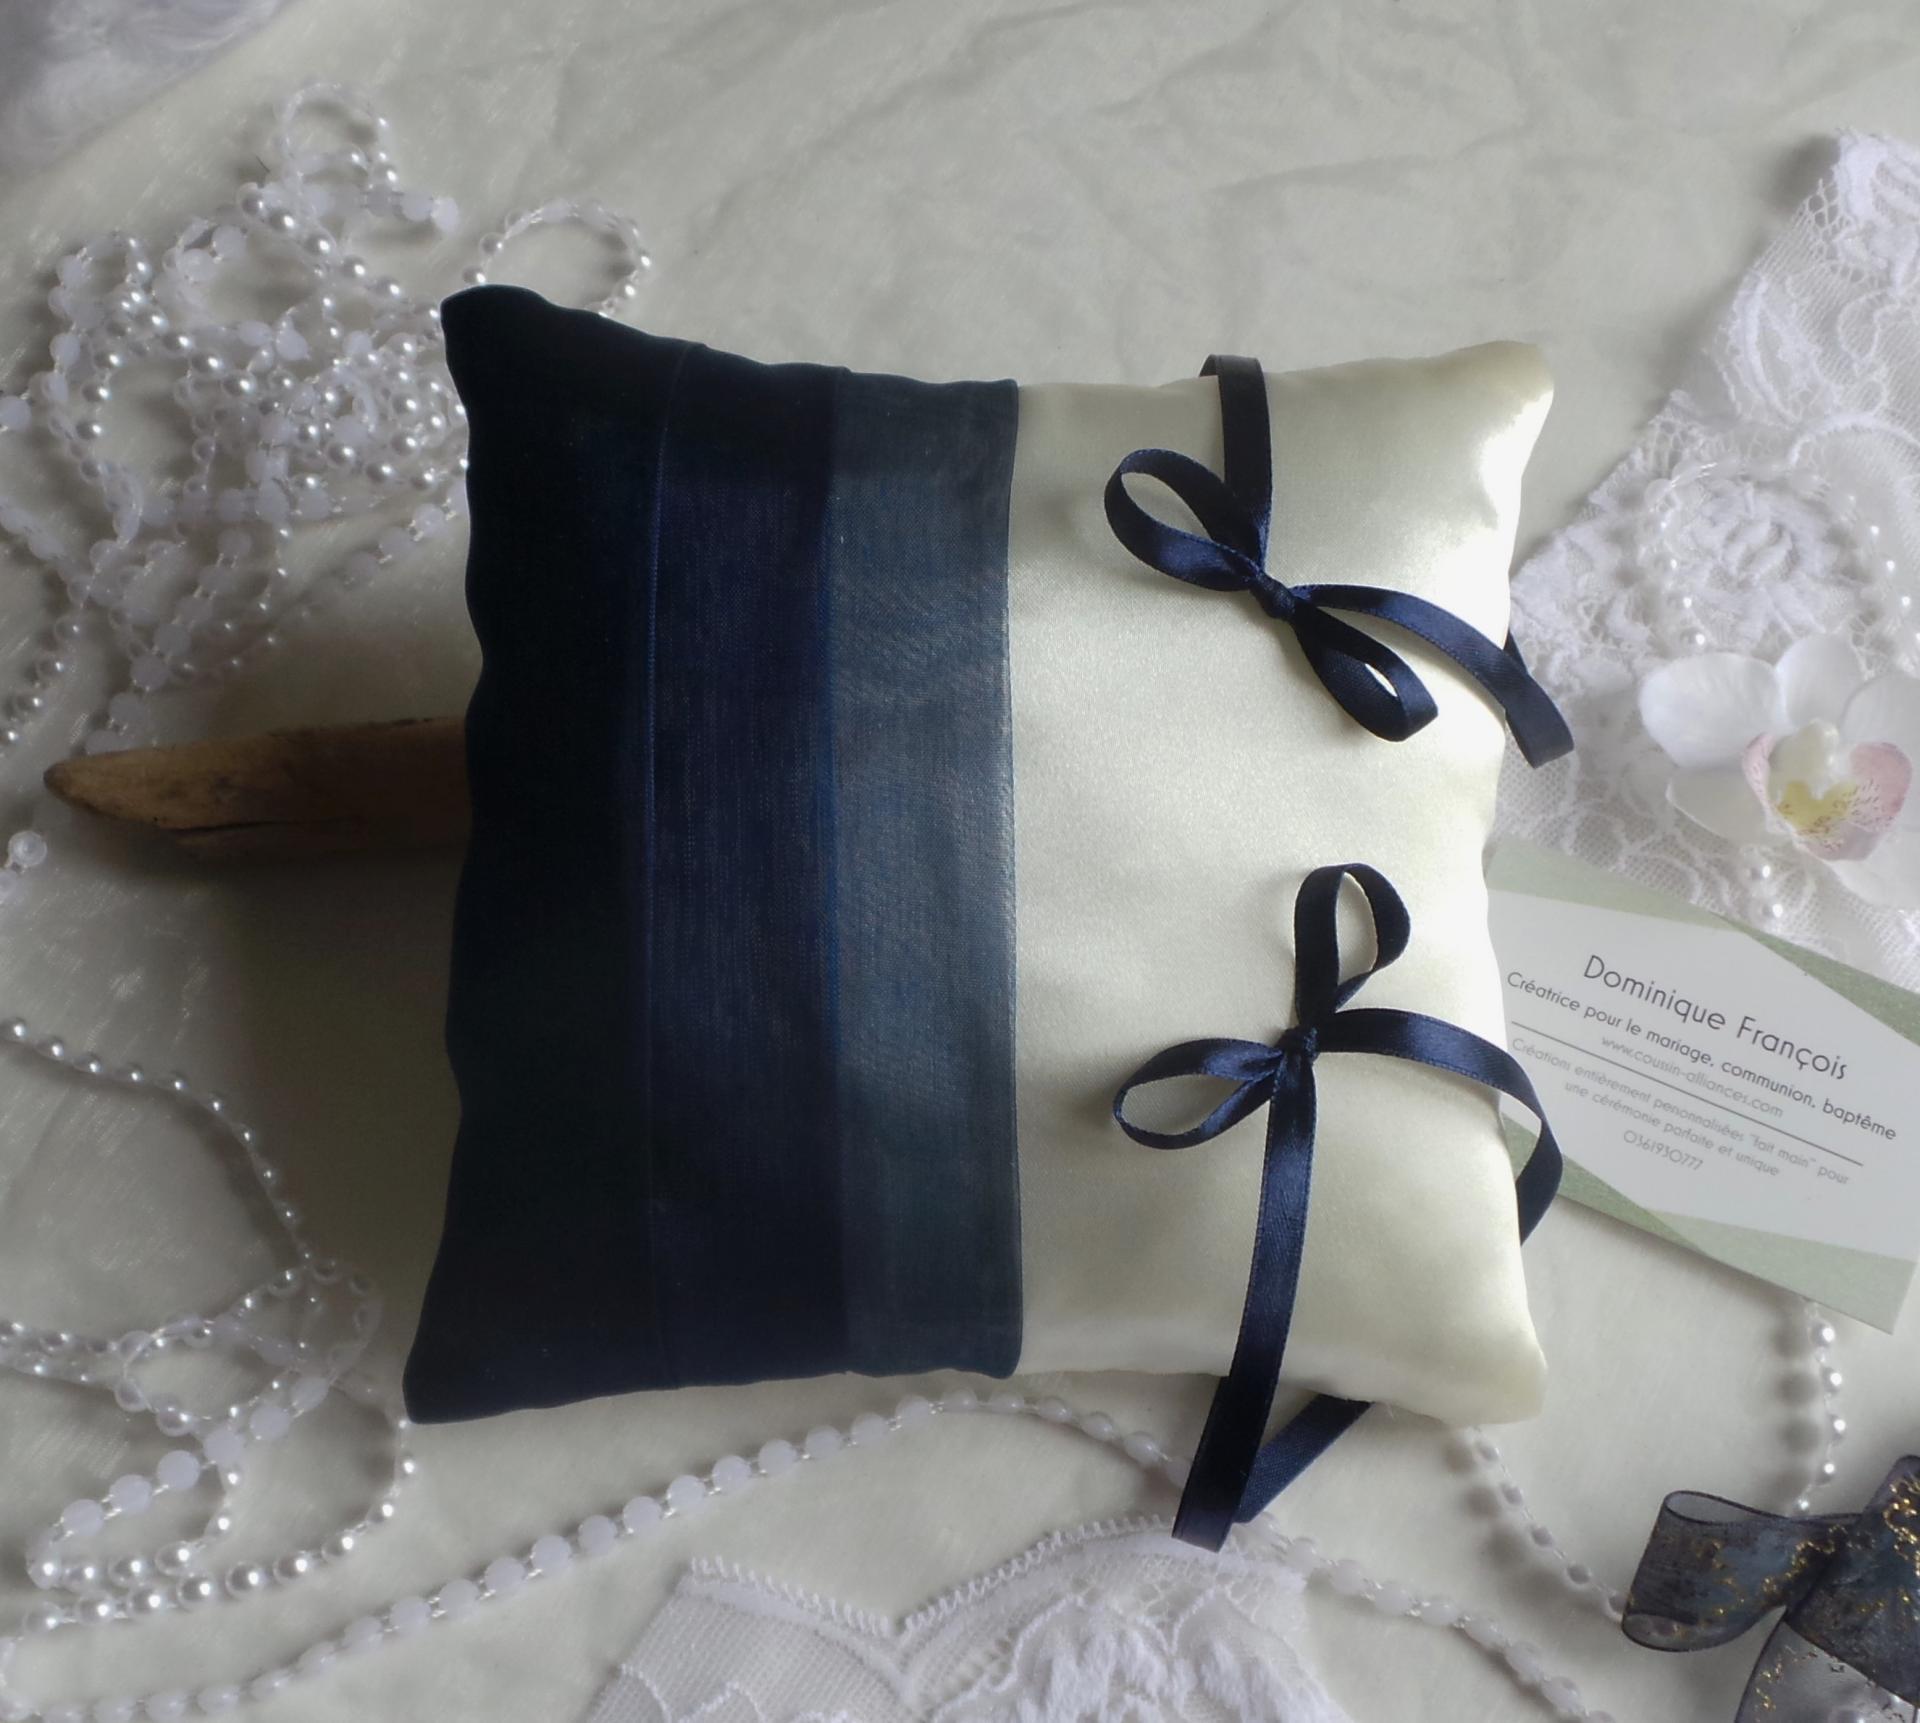 Coussin alliances chic bleu marine nuit